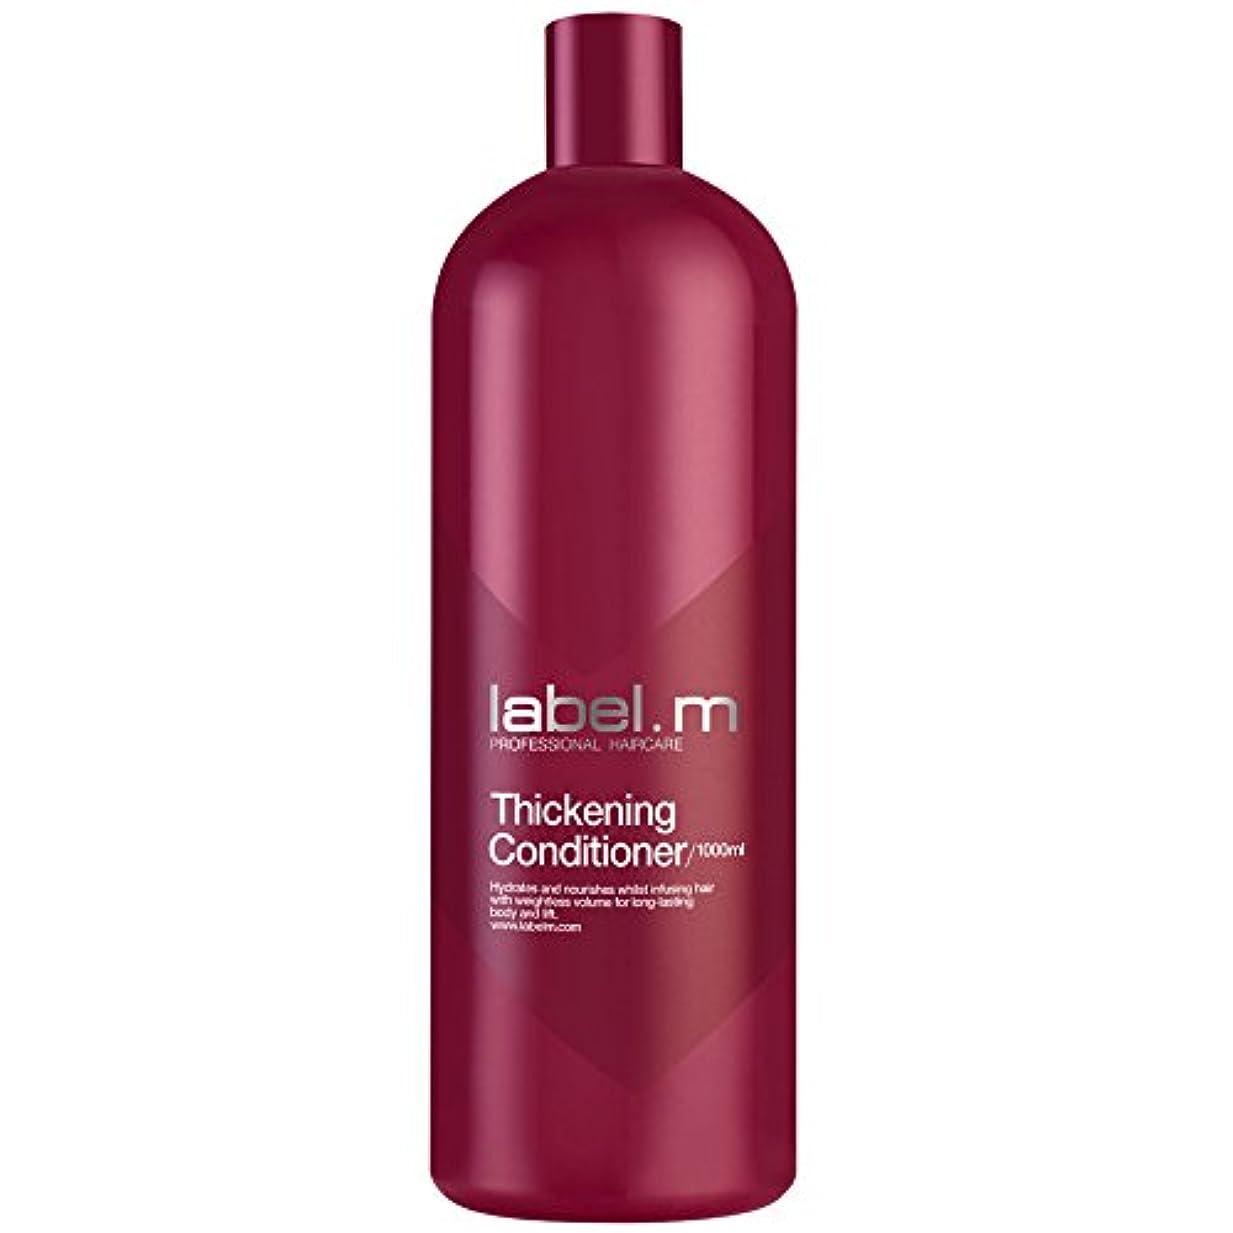 入射ライラックその間レーベルエム シックニング コンディショナー (髪に潤いと栄養を与えて、軽やかでコシとボリュームのある髪を長時間キープします。) 1000ml